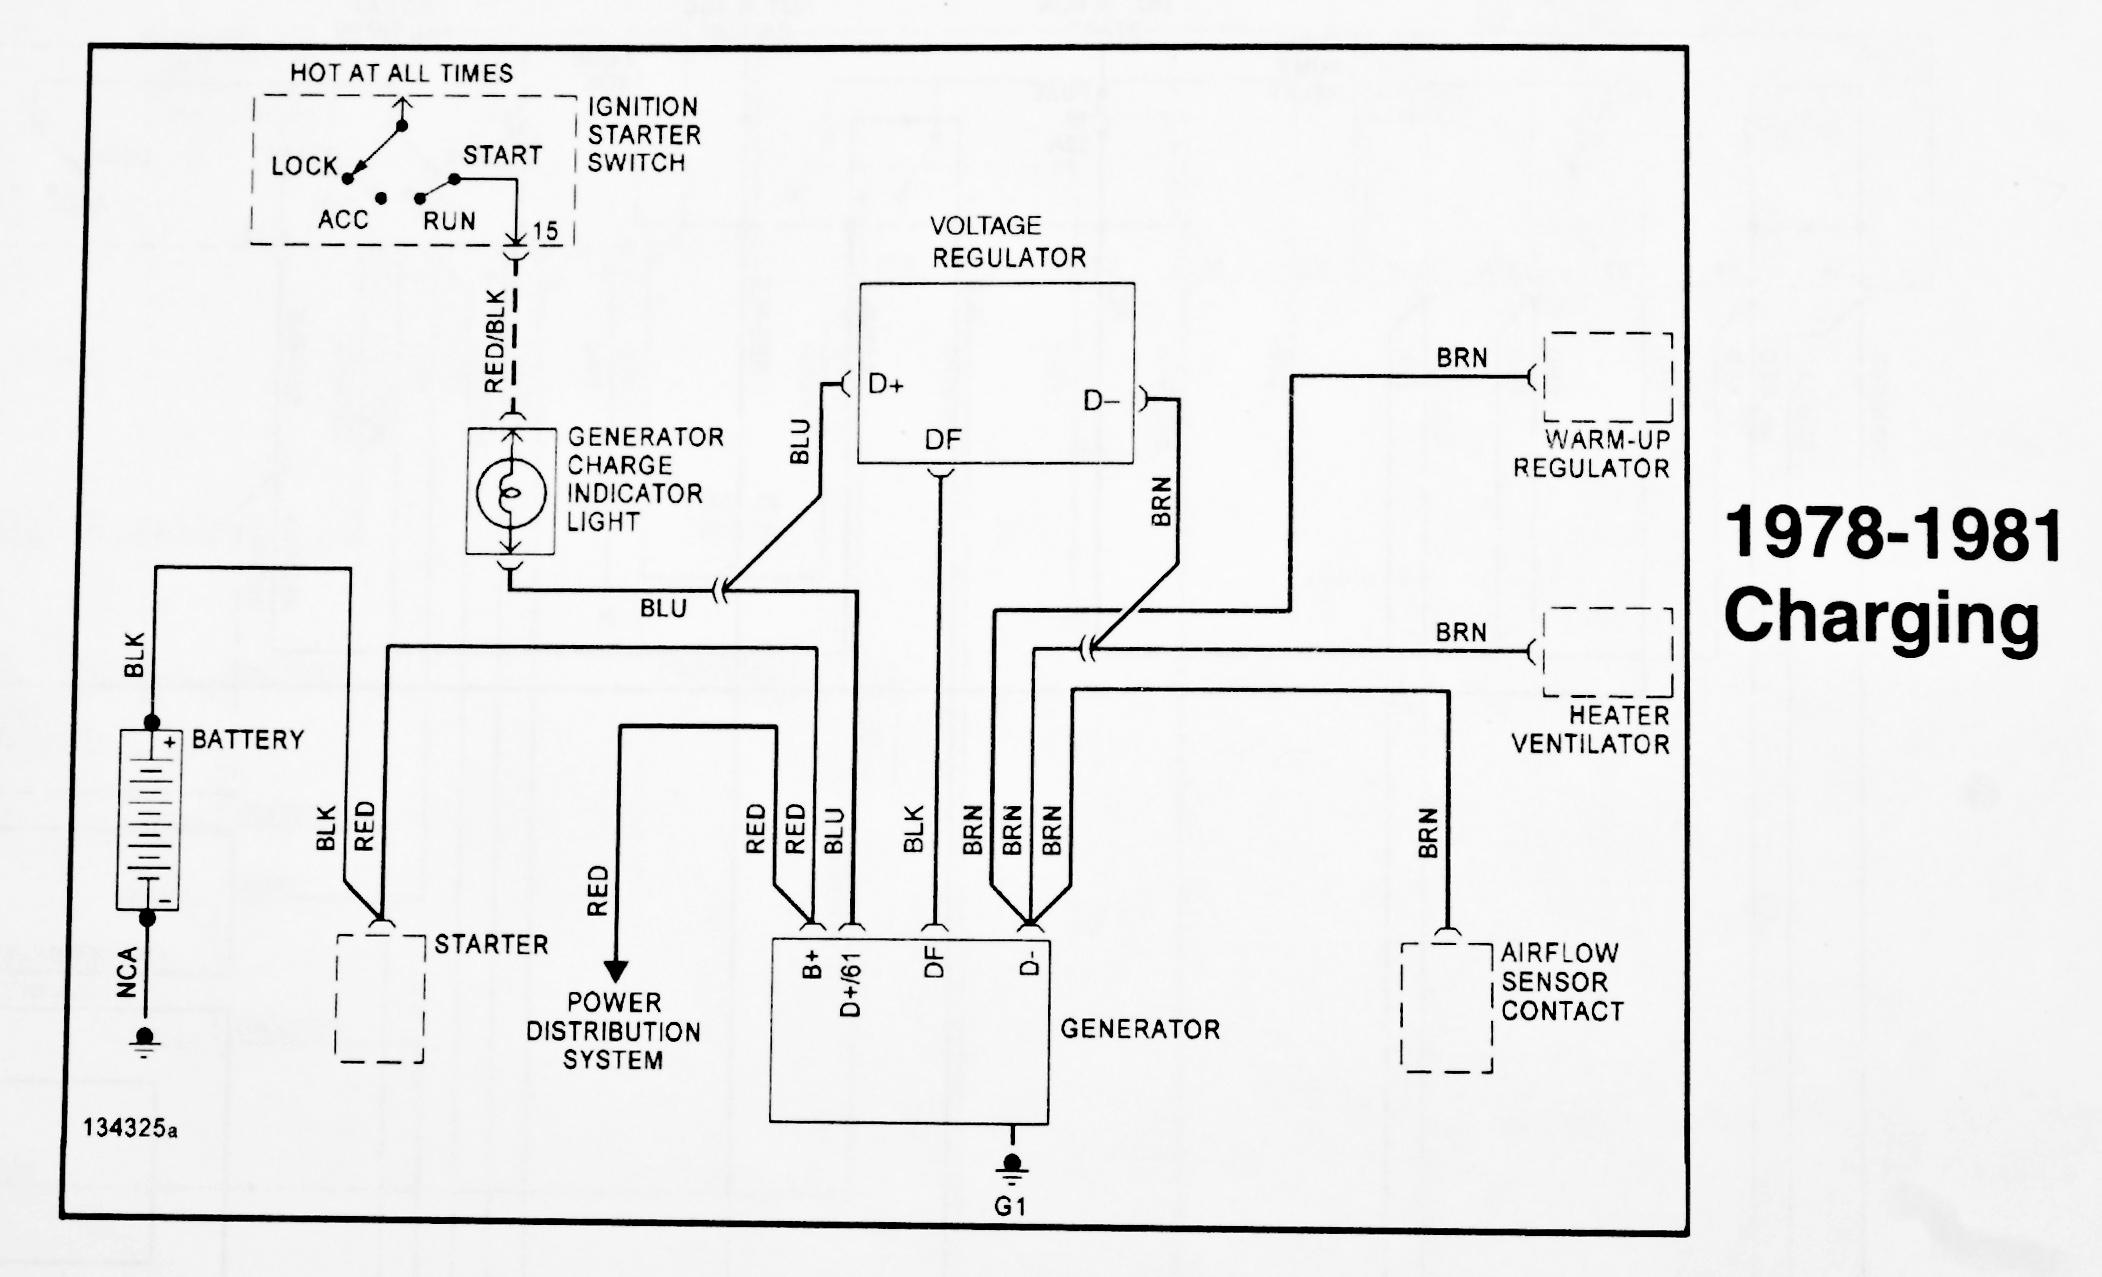 1981 porsche 911 wiring diagram electrical schematic wiring diagram 1974 porsche wiring diagram [ 2102 x 1277 Pixel ]